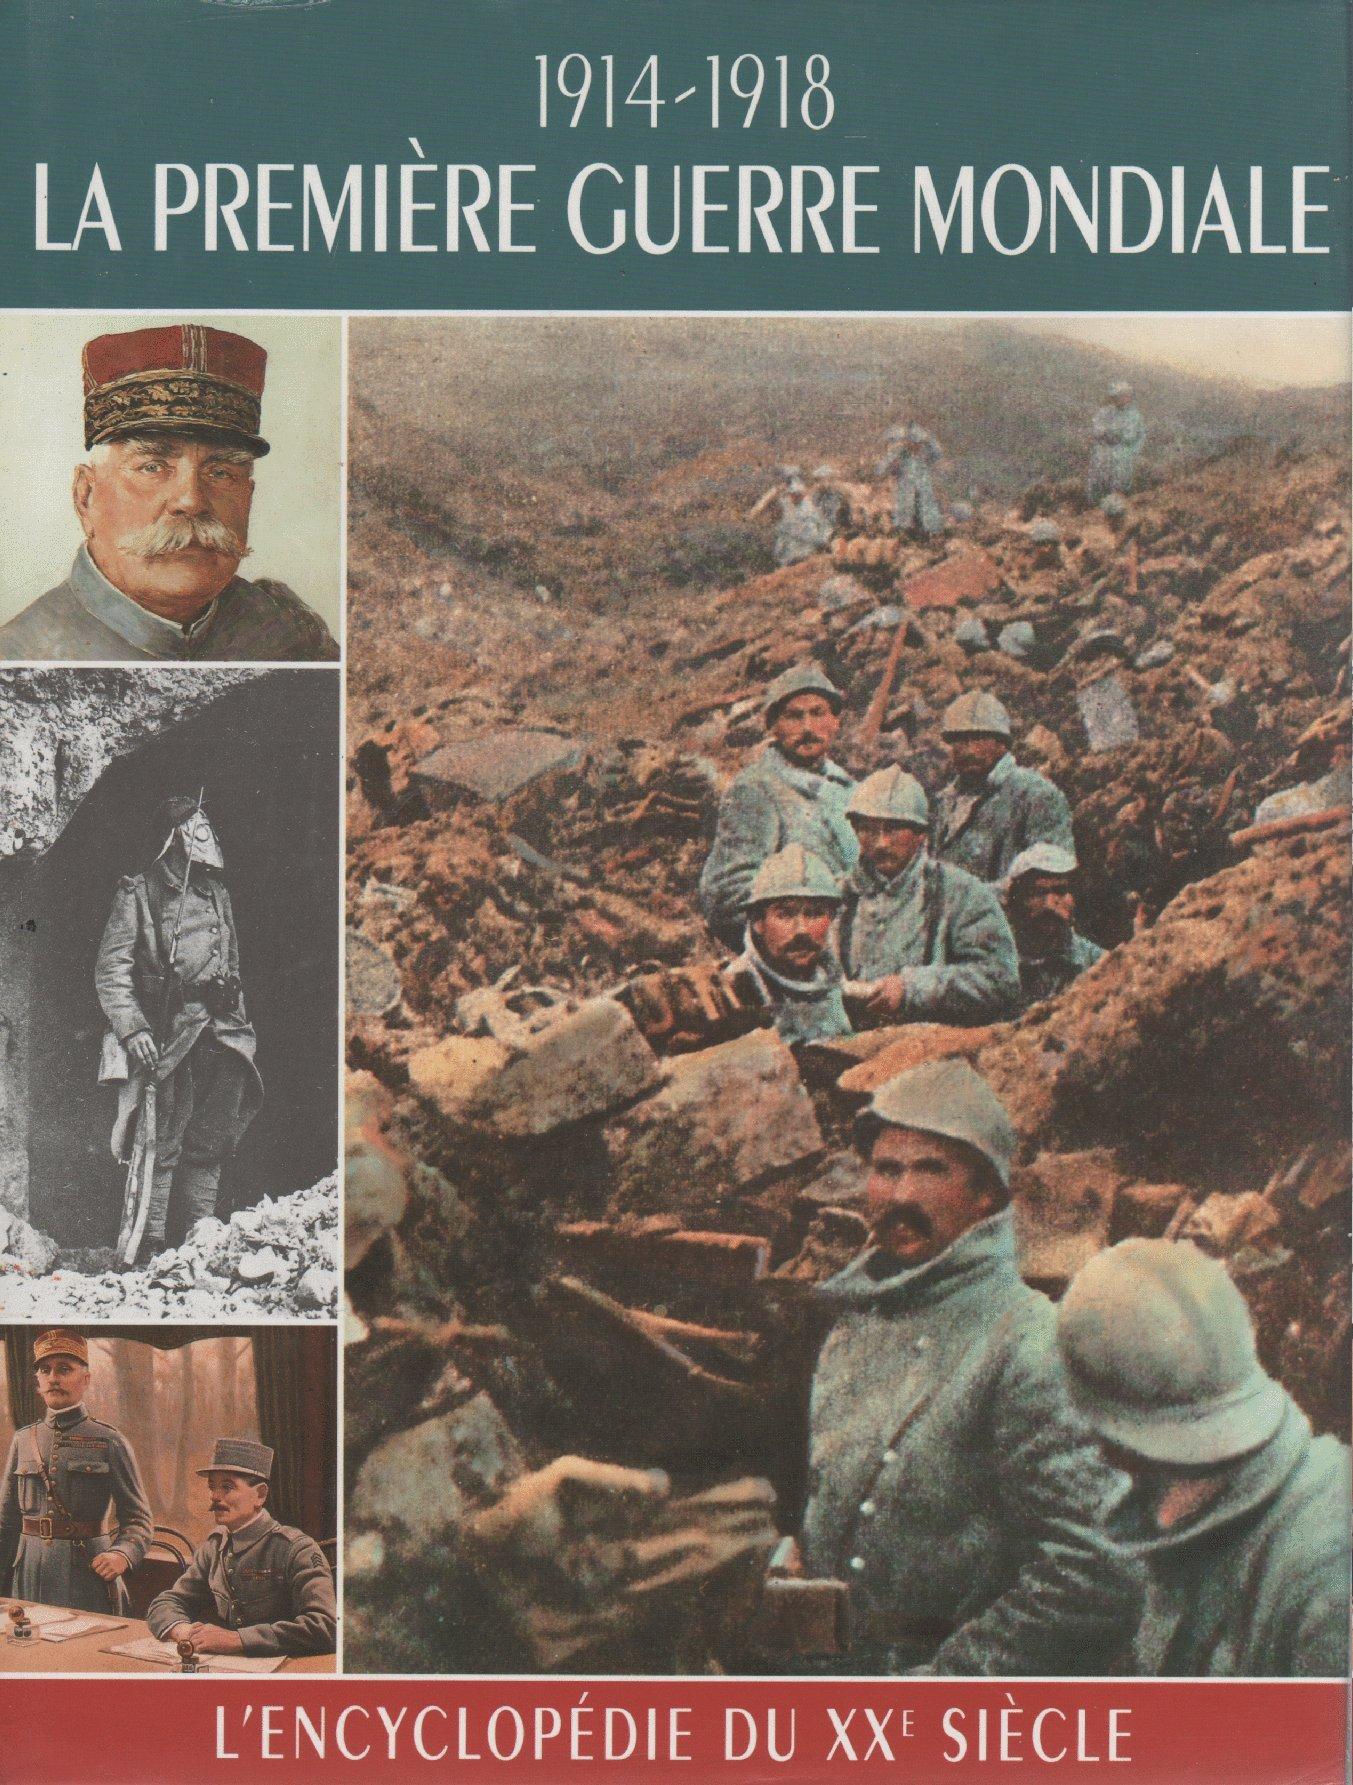 L'encyclopédie du XXe siècle: 1914-1918 La Première Guerre Mondiale:  9782724263466: Amazon.com: Books